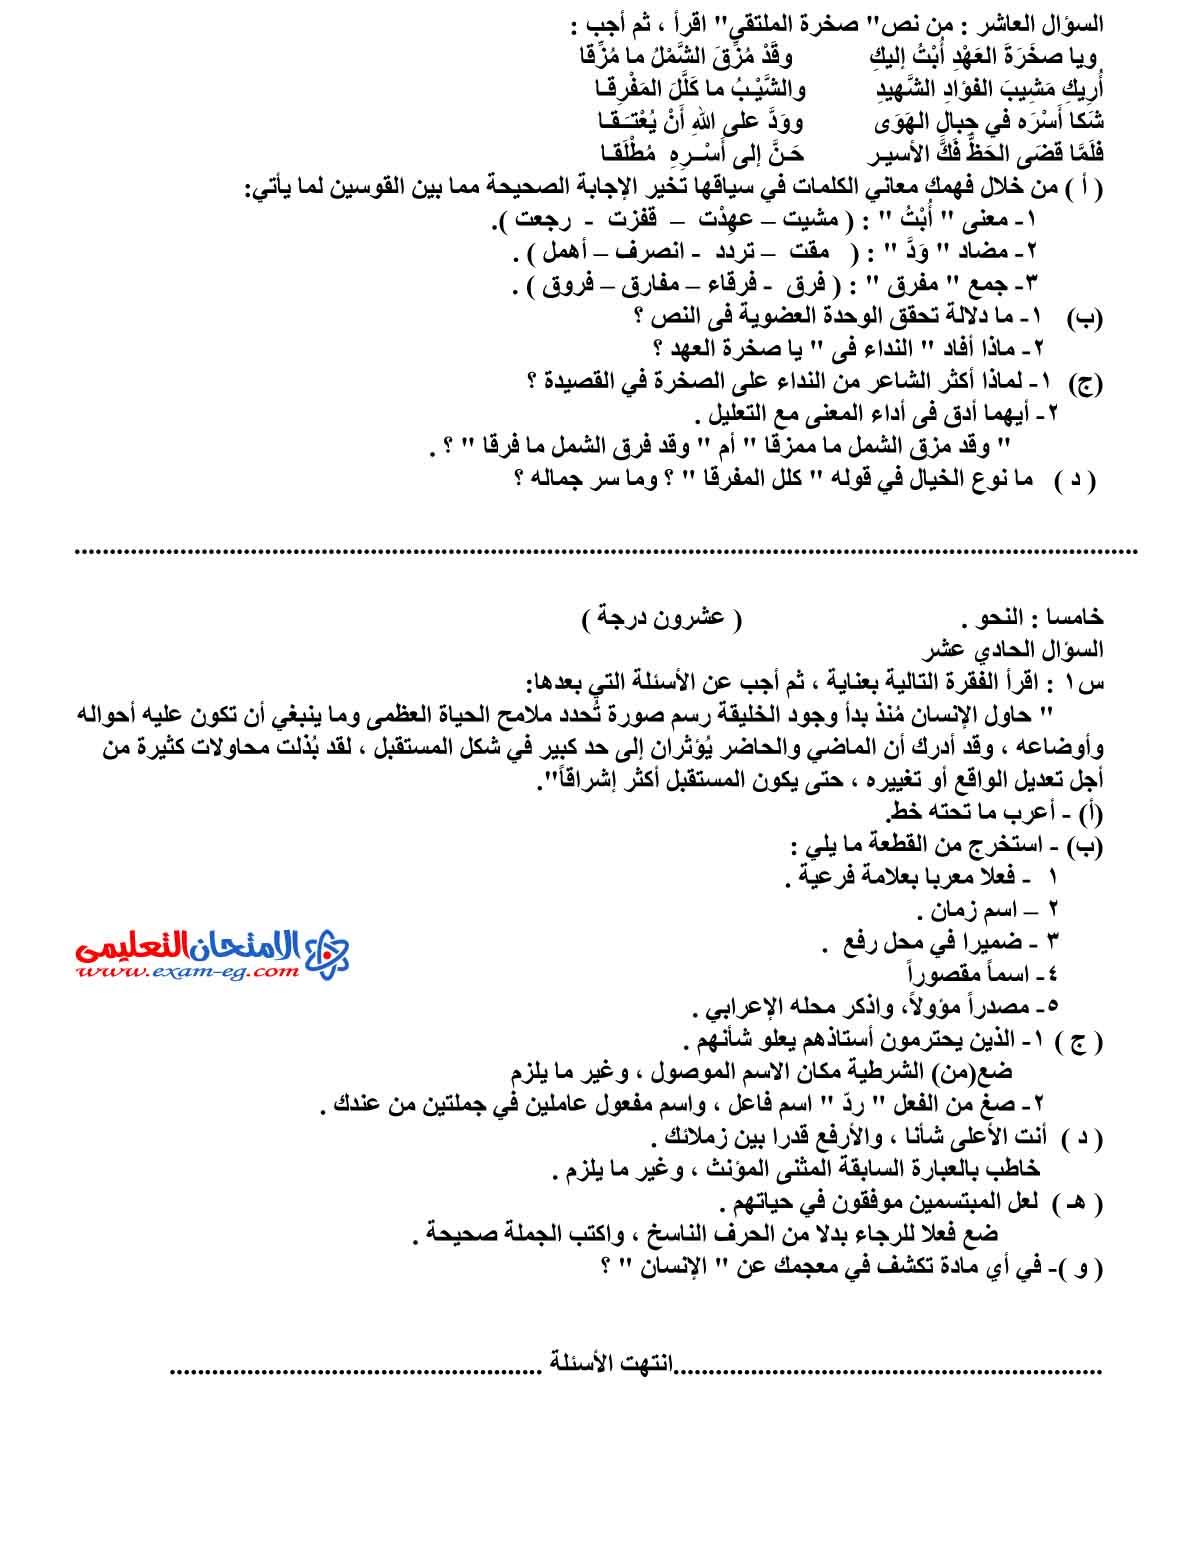 امتحان اللغة العربية 4 - مدرسة اون لاين (4)